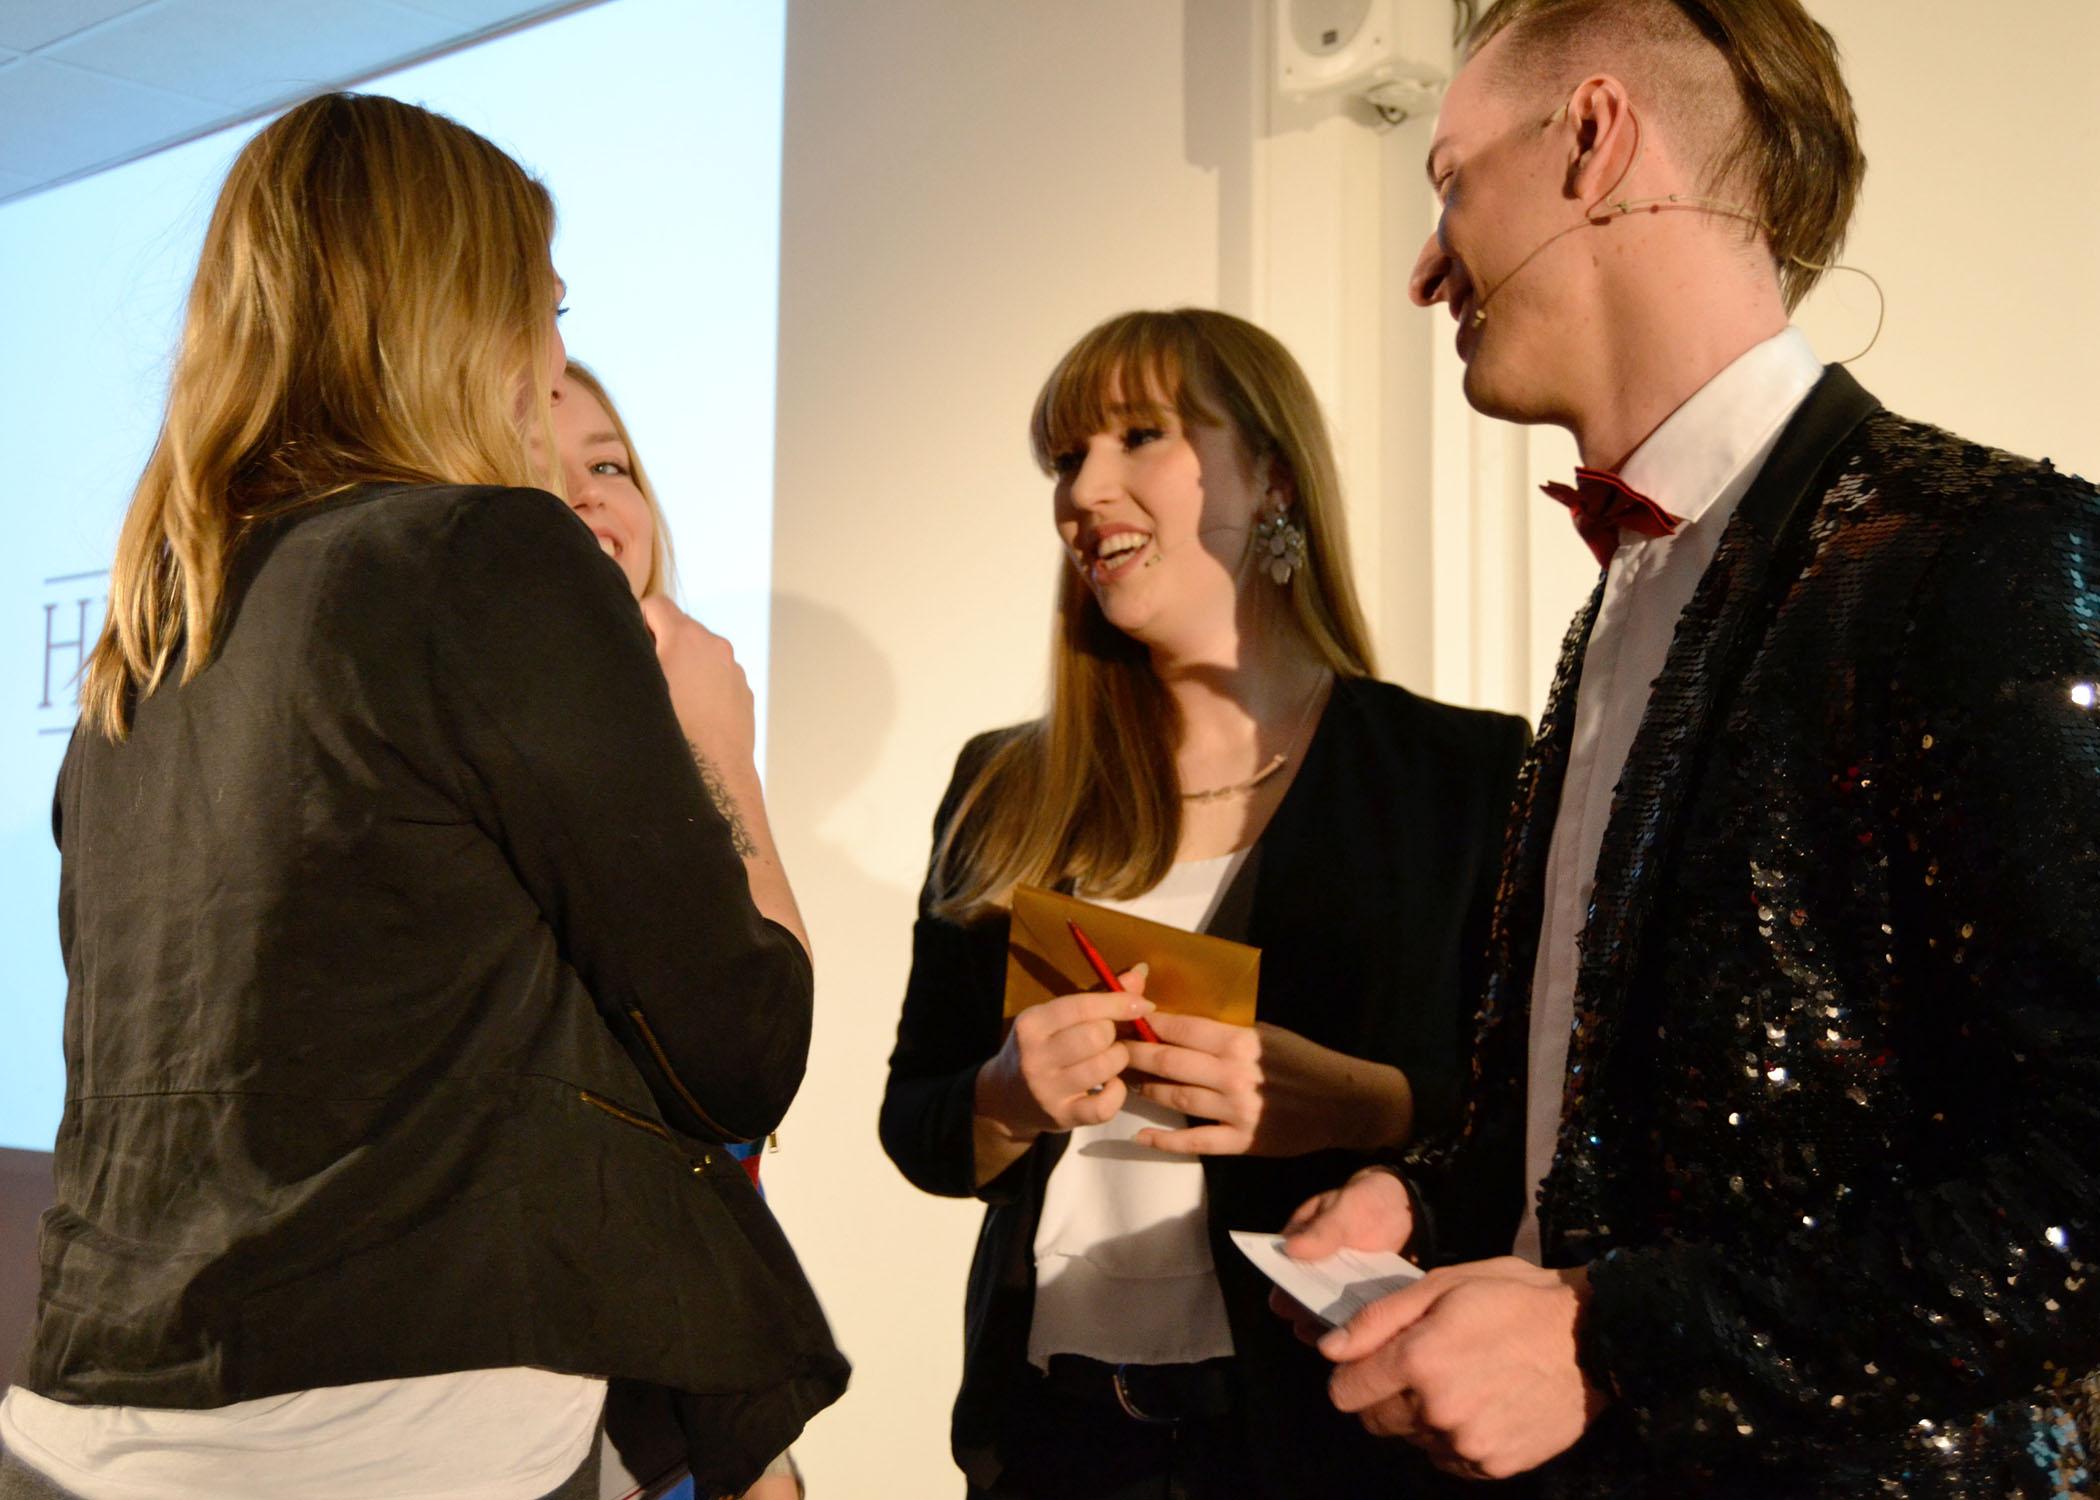 Moderatorin Mirka Brunk und Moderator Julian Alexander Wagner ließen im Gespräch mit den Preisträger/innen die Gala noch einmal Revue passieren.